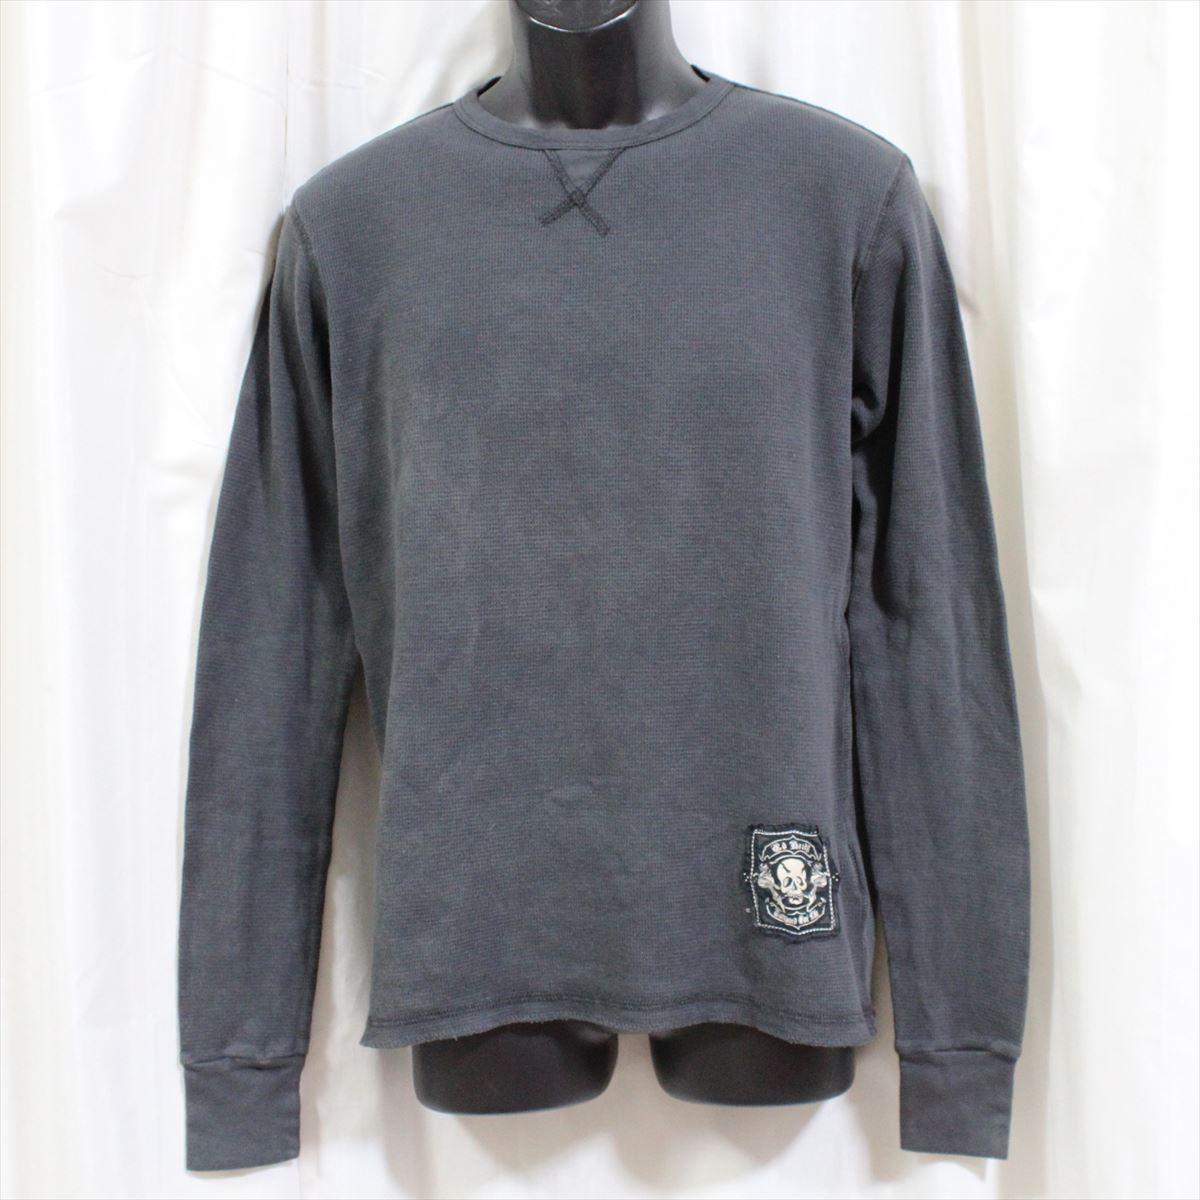 エドハーディー ED HARDY メンズ長袖サーマルTシャツ グレー Sサイズ PANTHER EAGLE EYE 新品 アメリカ製_画像1